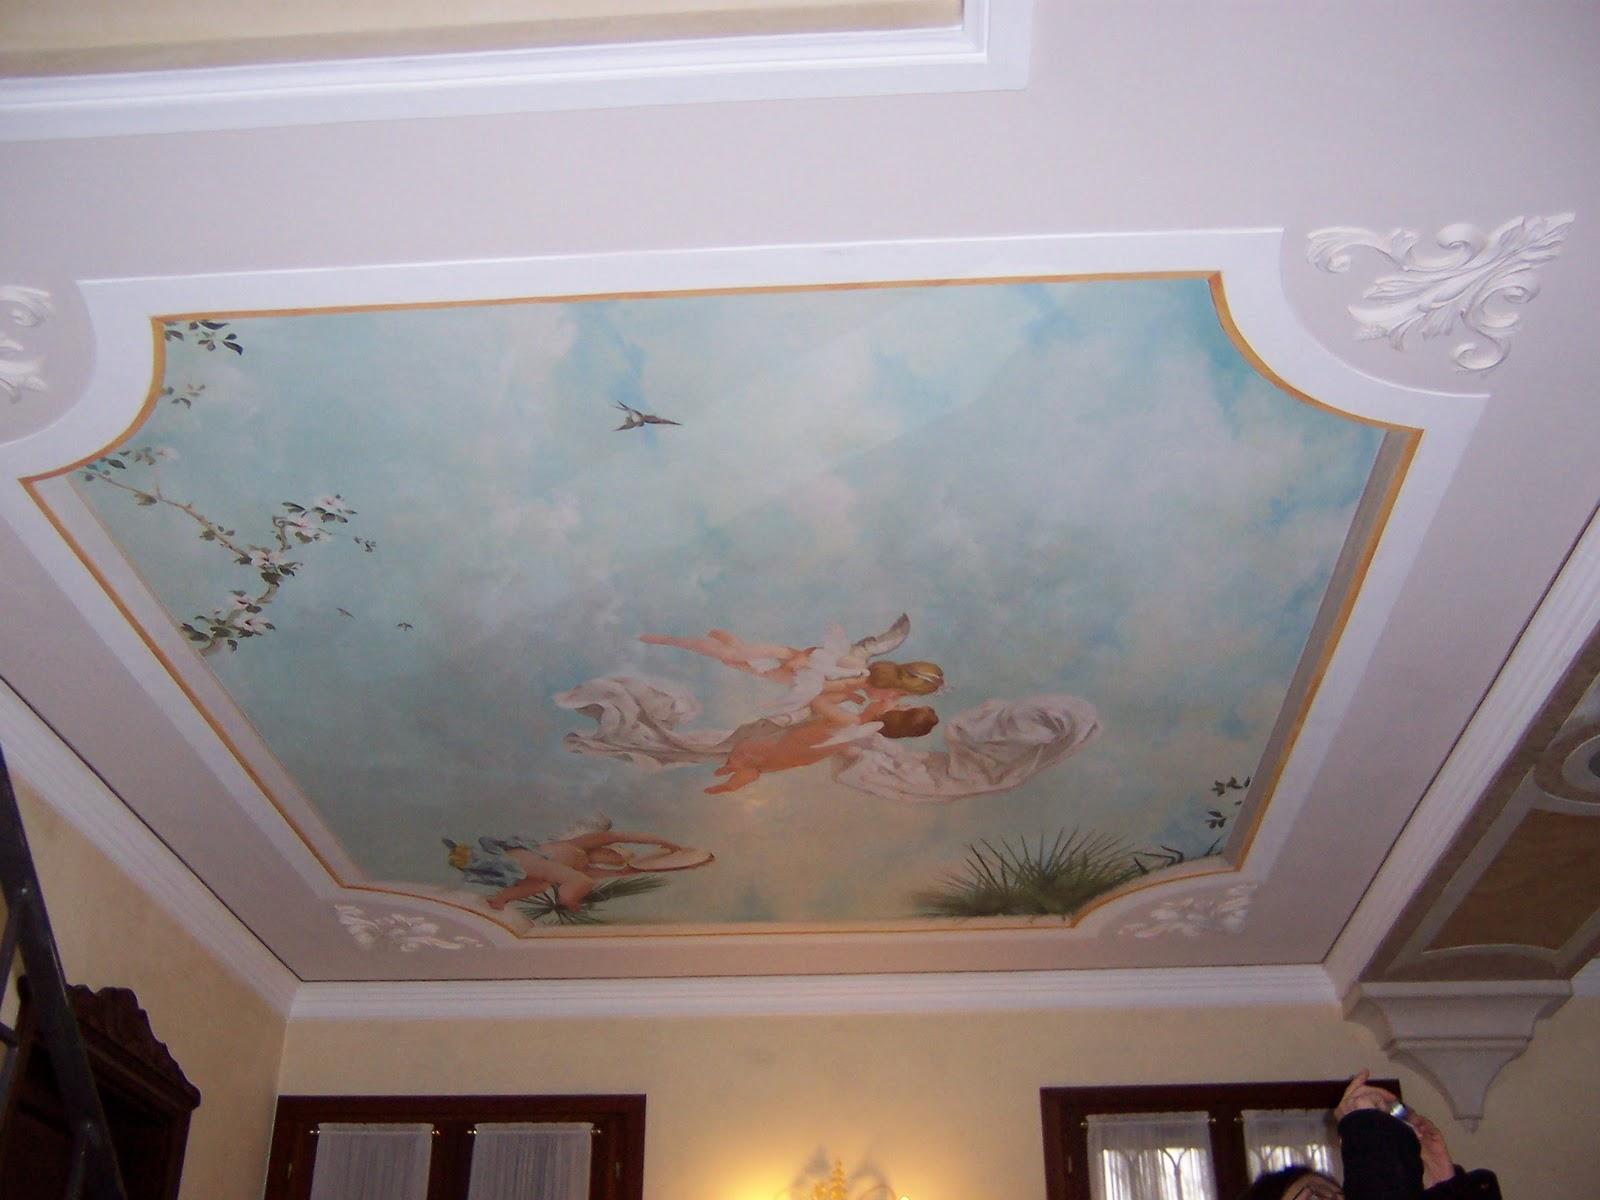 Blue decor decorazioni a soffitto trompe l 39 oeil - Decorazioni soffitto ...